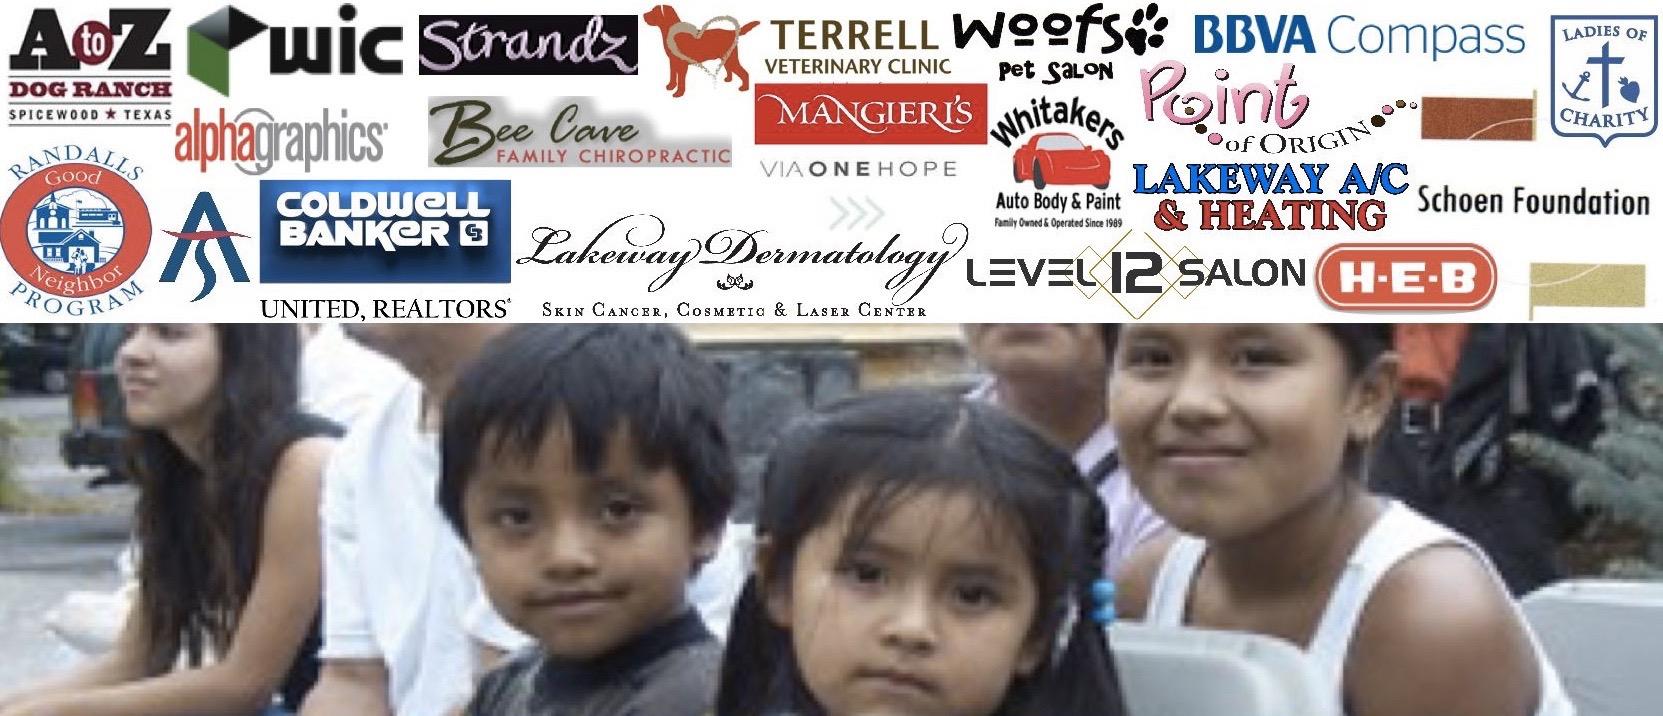 All Business Sponsors banner2